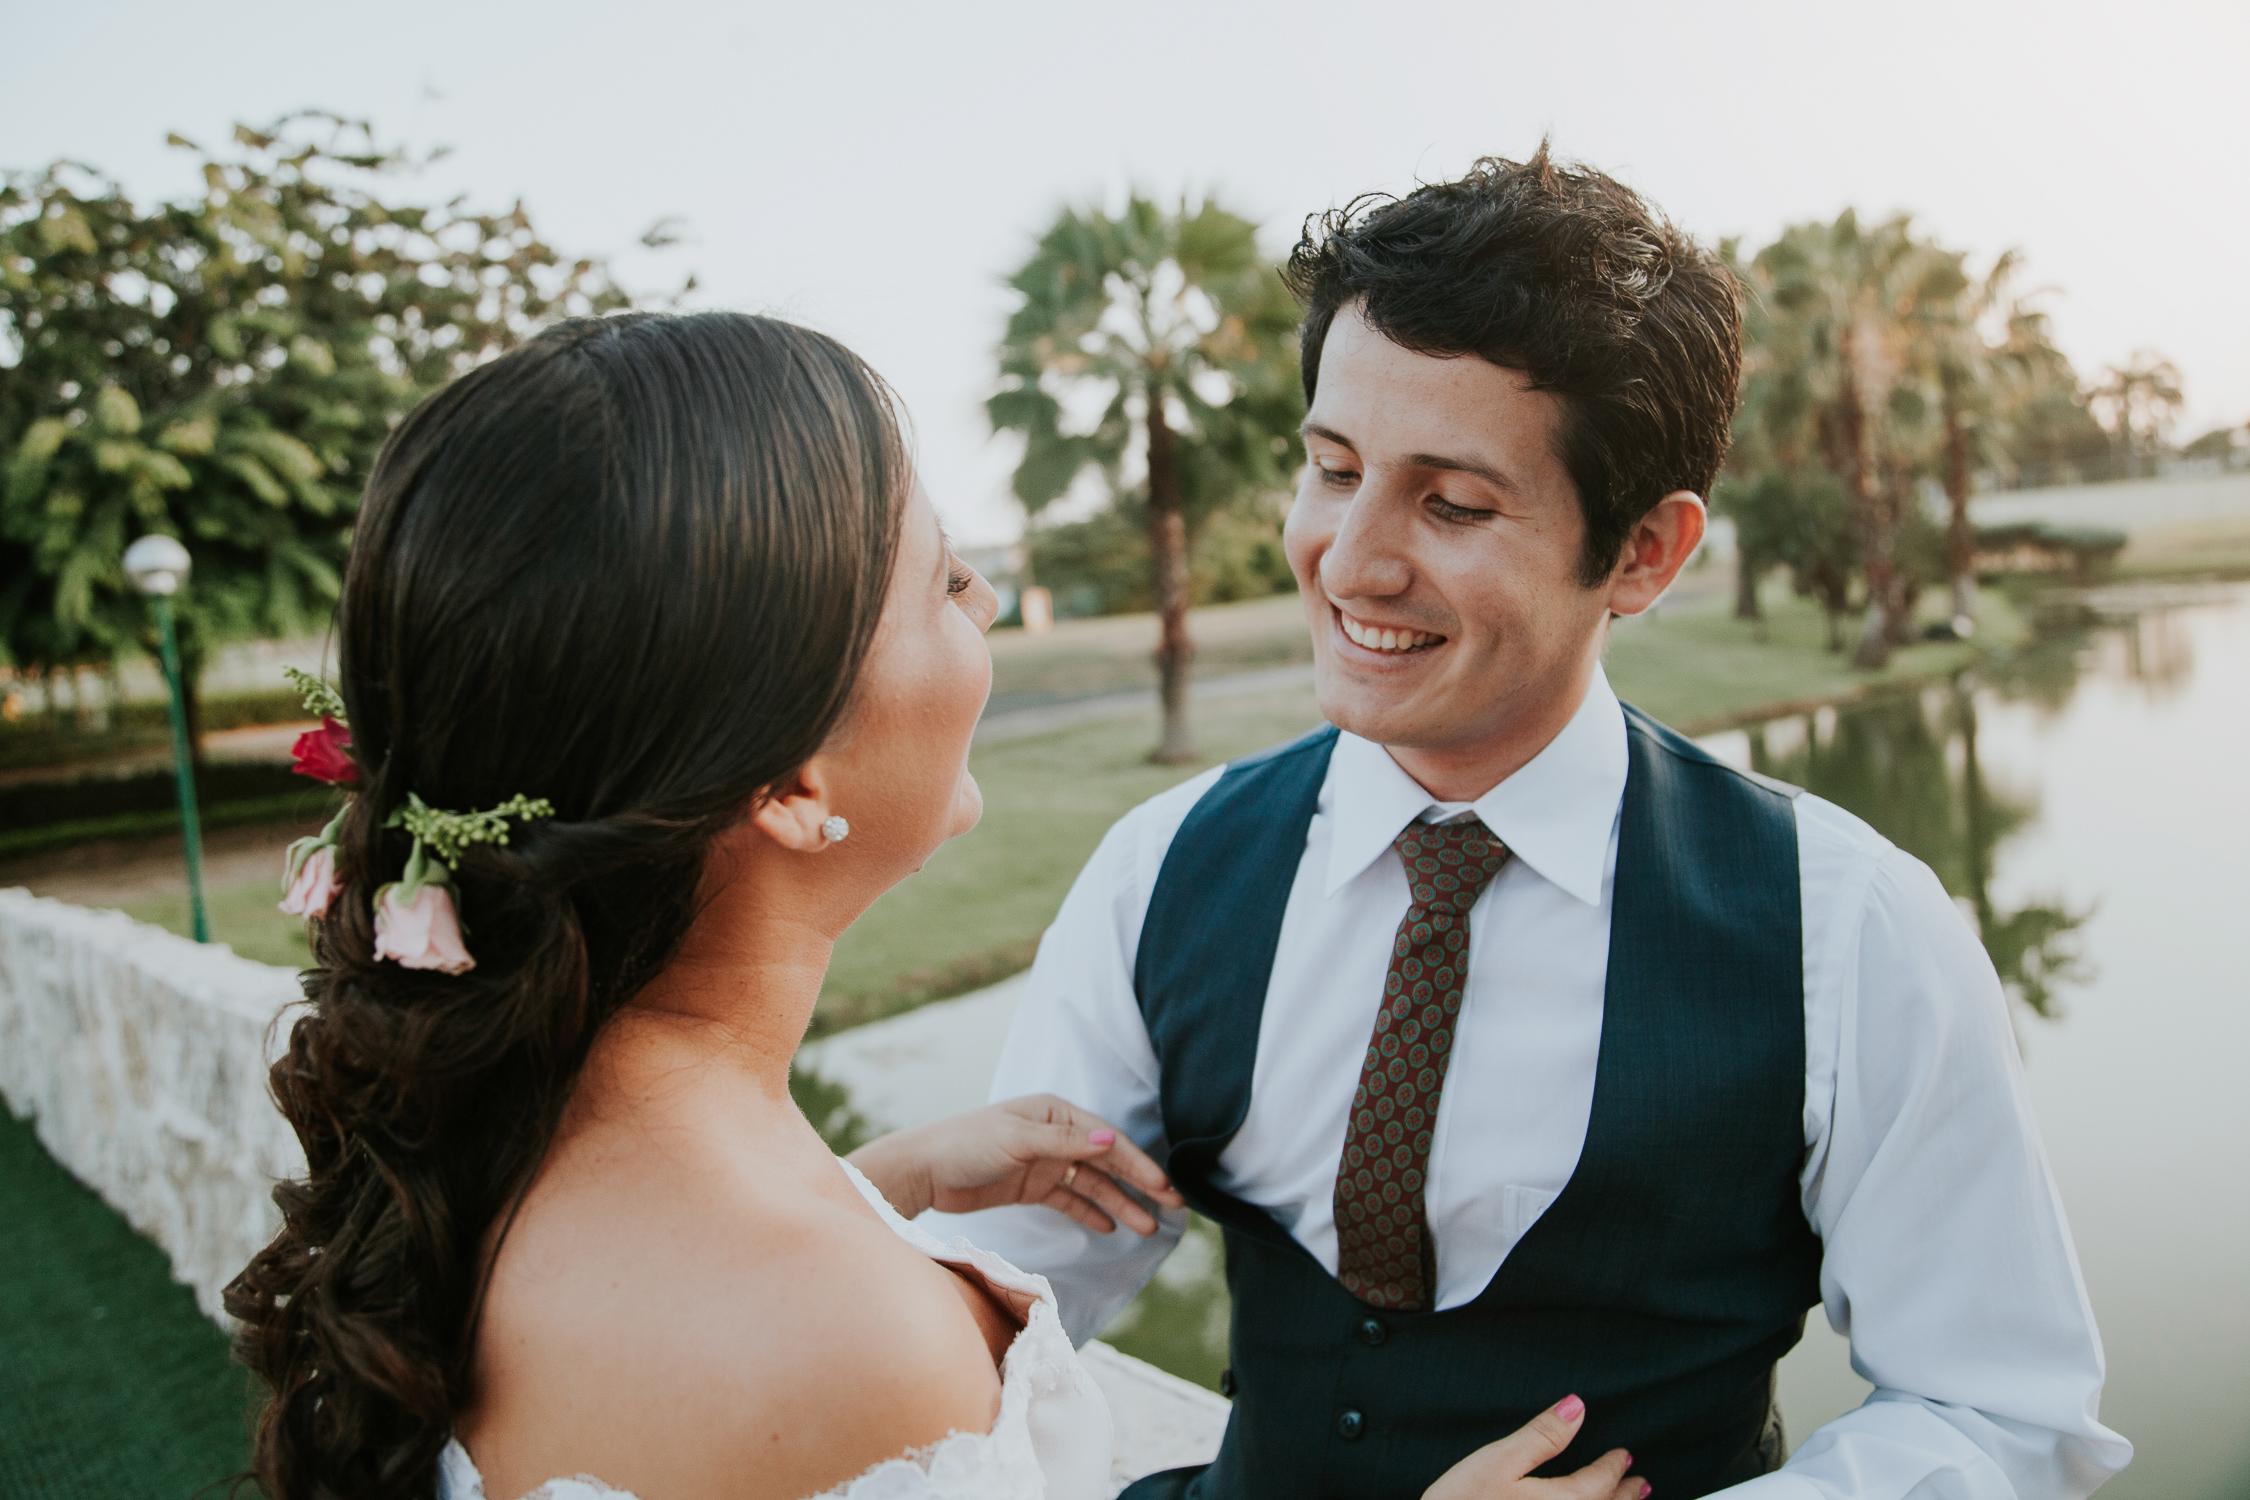 Michelle-Agurto-Fotografia-Bodas-Ecuador-Destination-Wedding-Photographer-Adriana-Allan-30.JPG